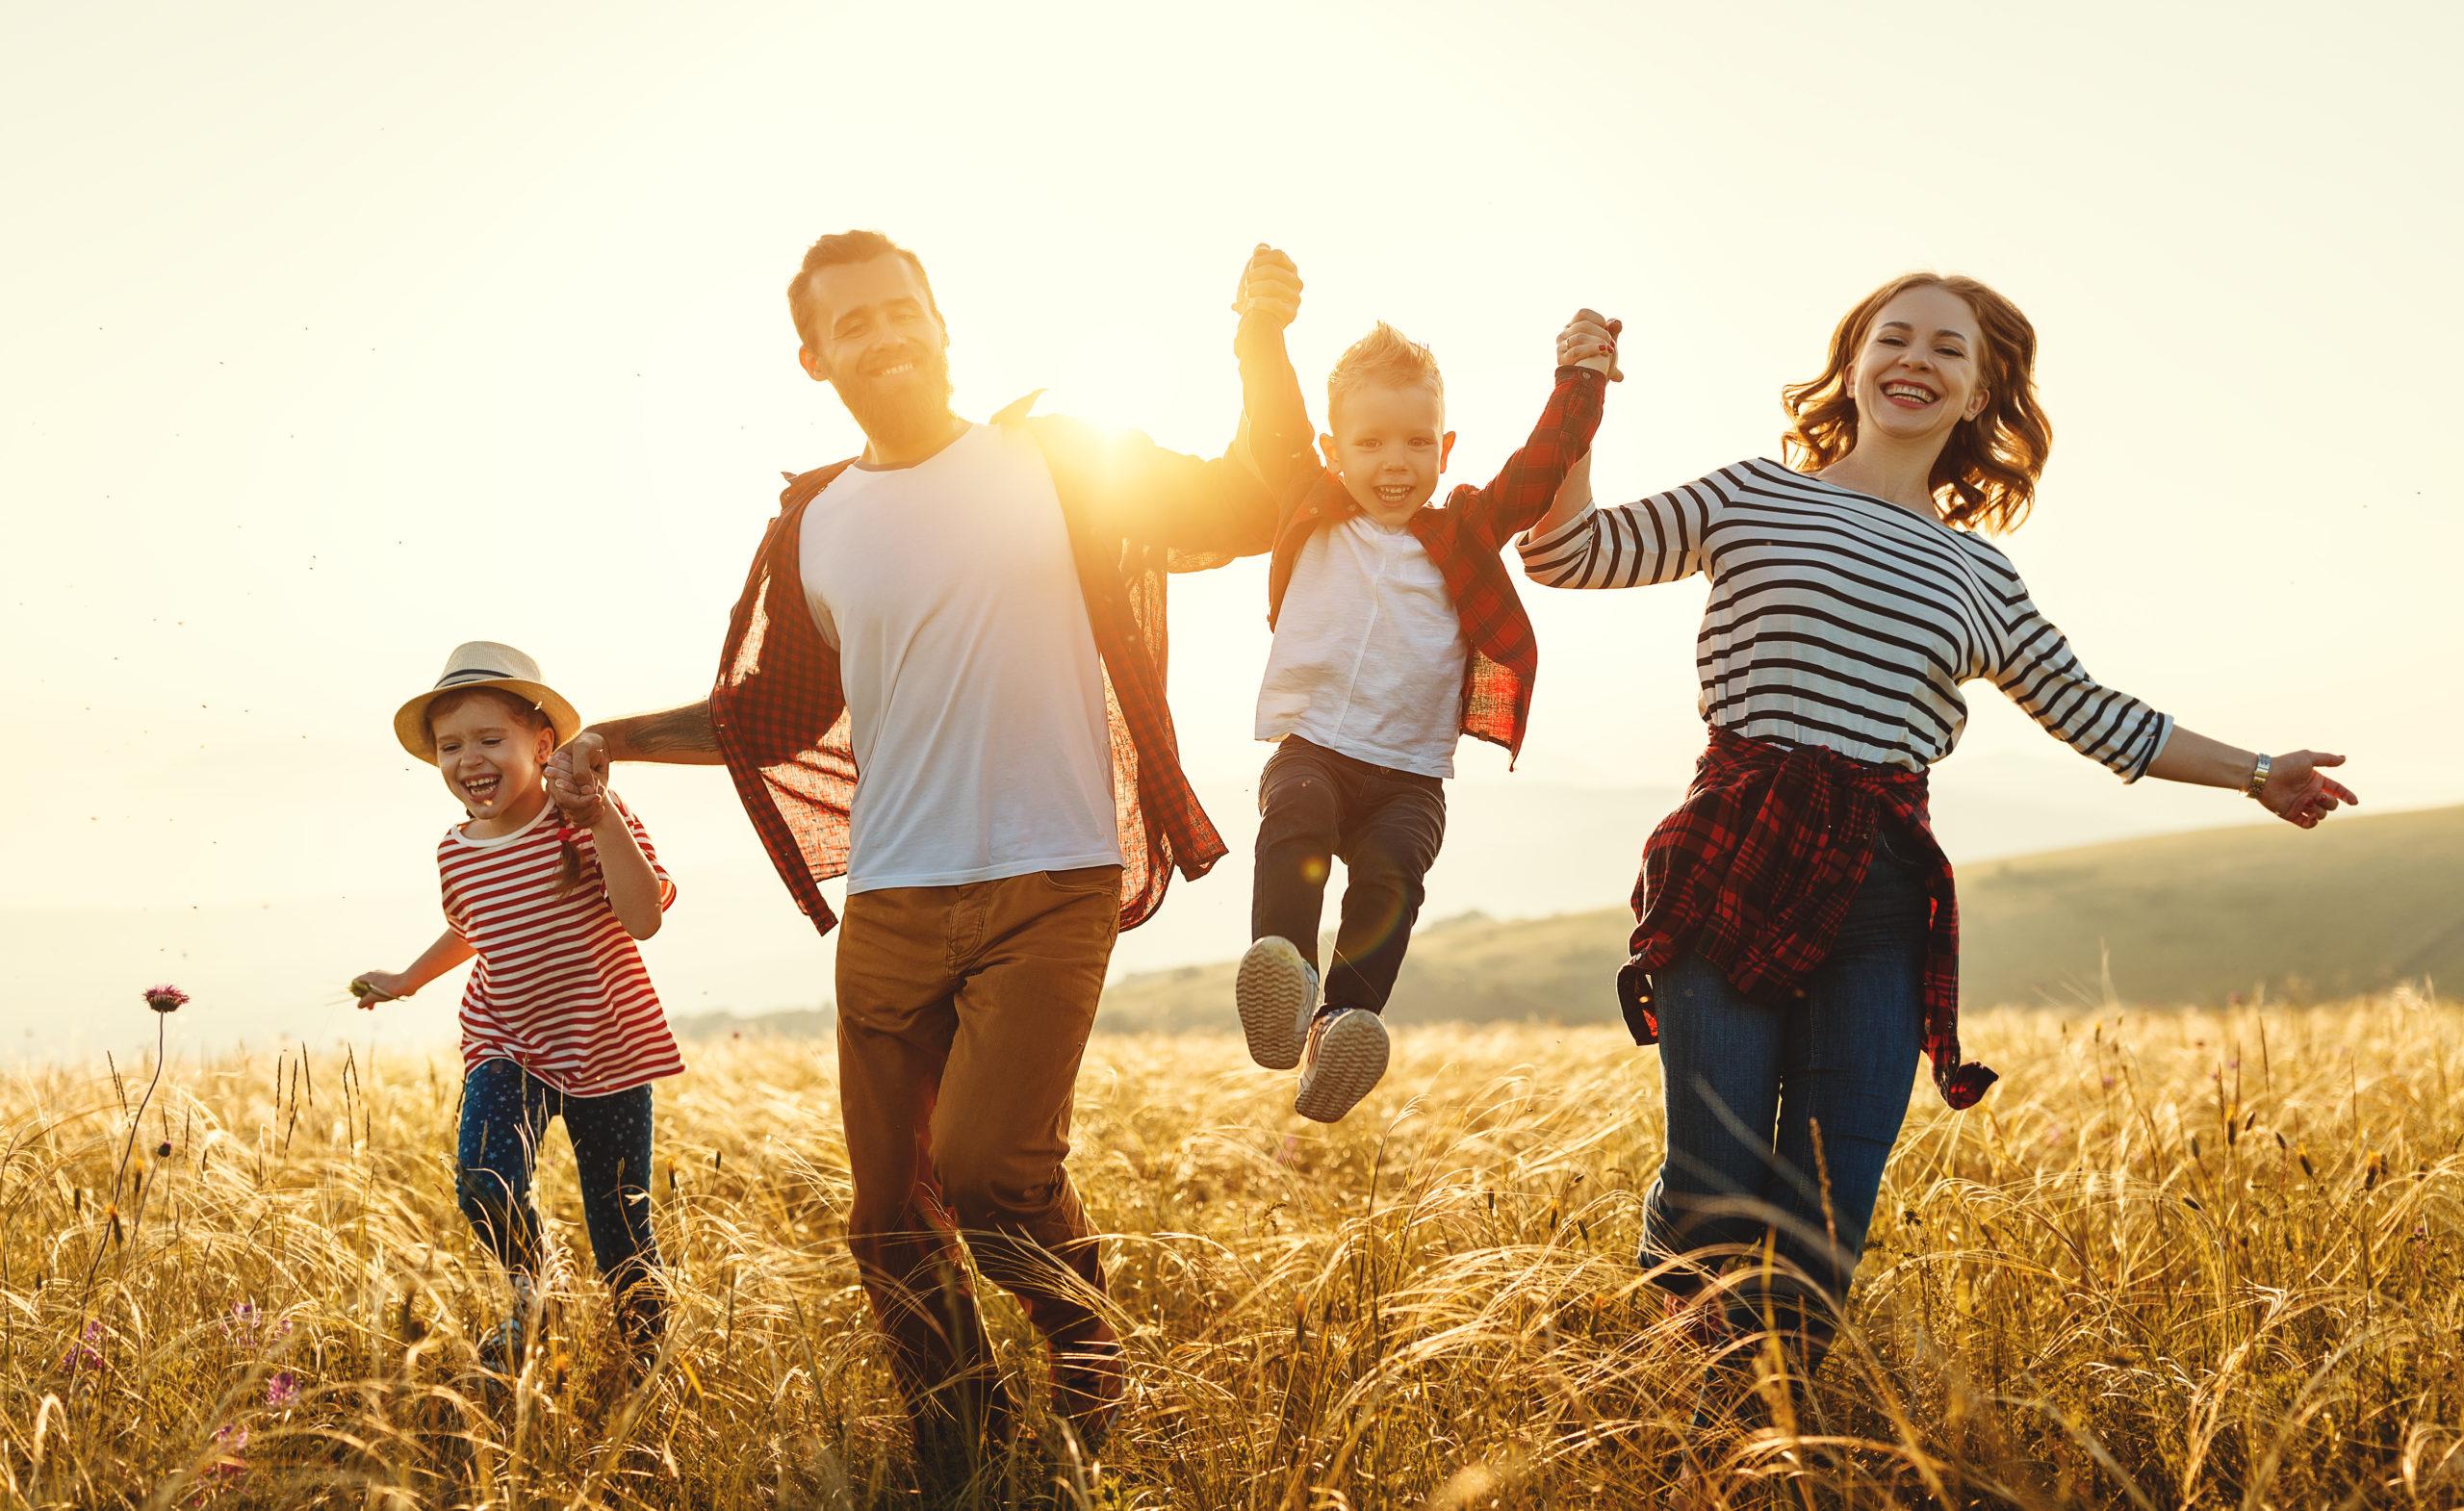 Kinder stark machen – Wie kannst du dein Kind ermutigen